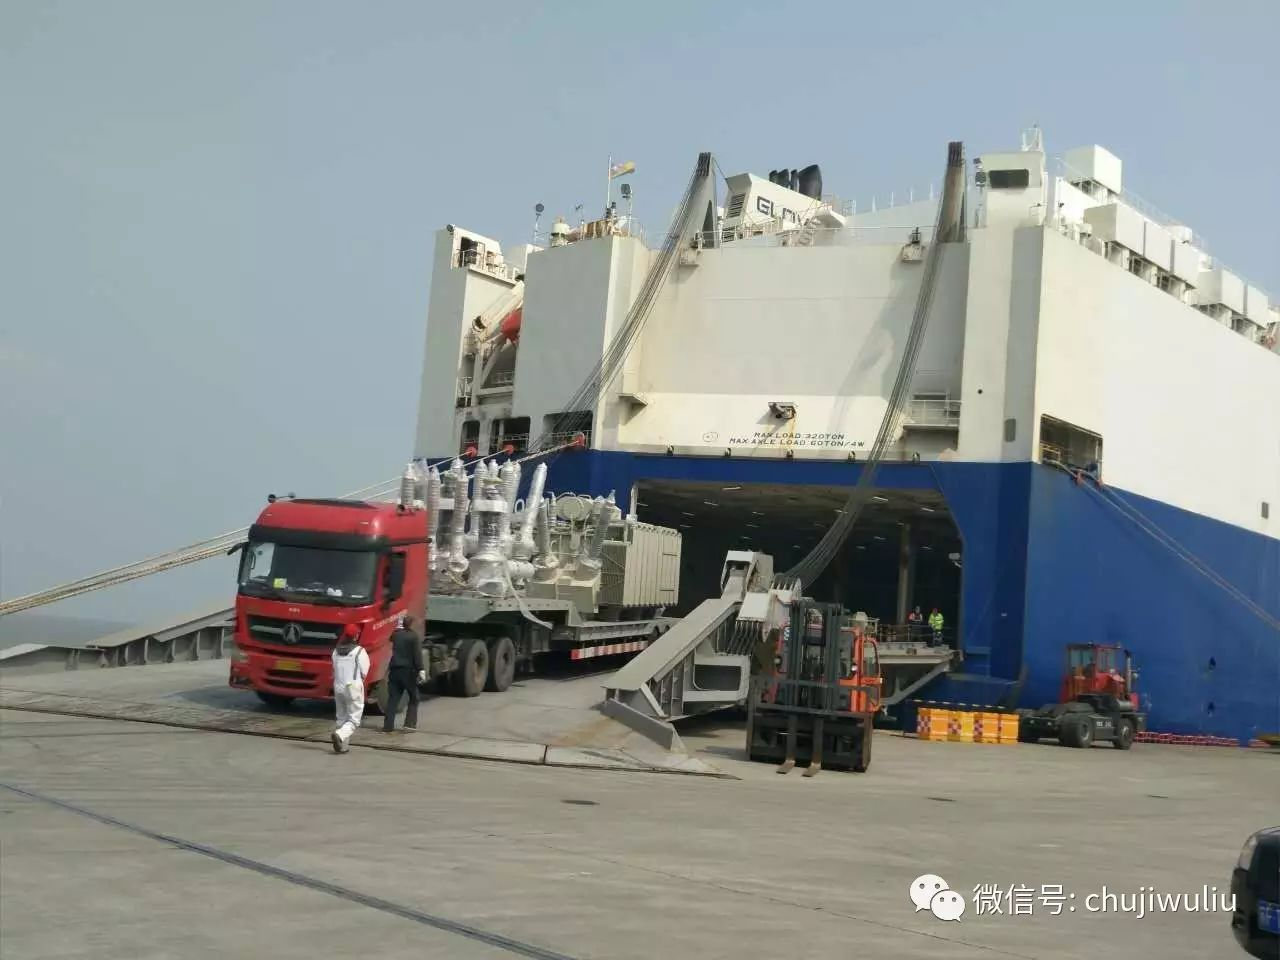 滚装货物运输